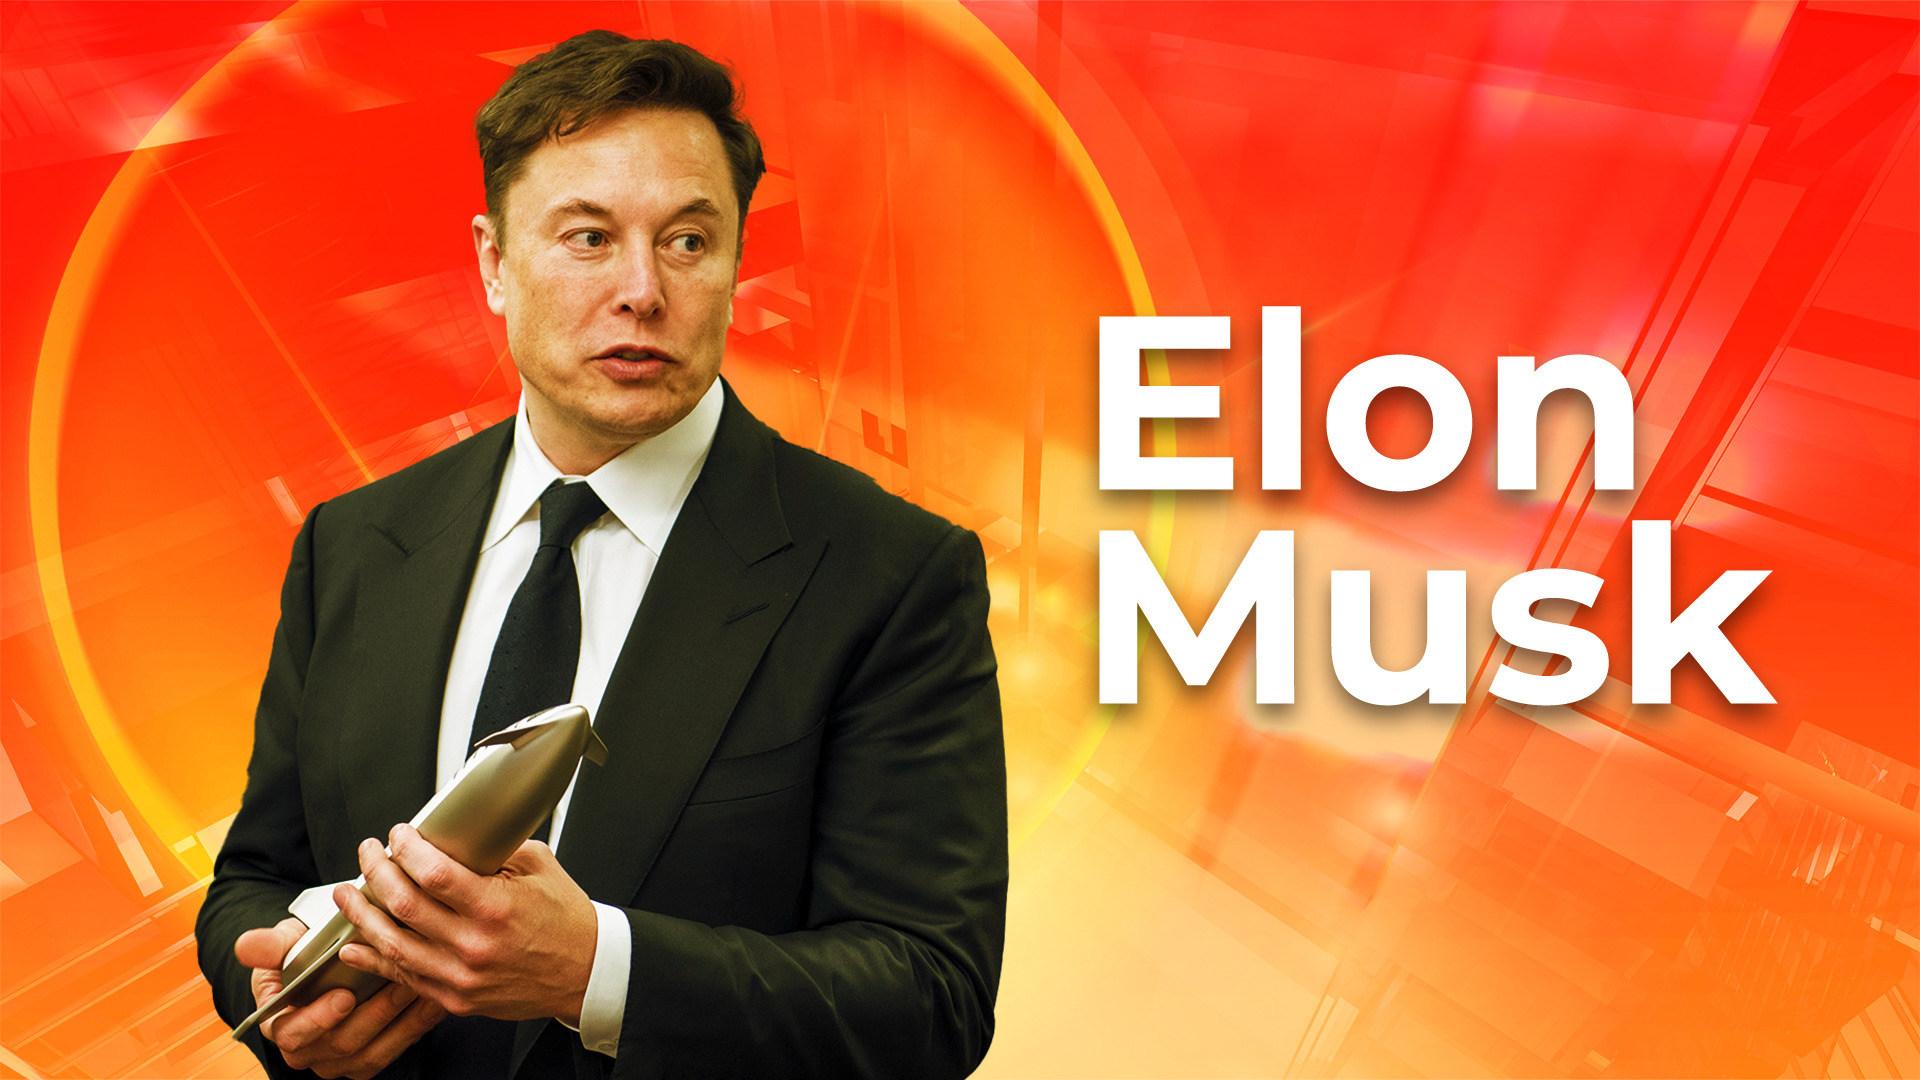 Elon Musk, Musk